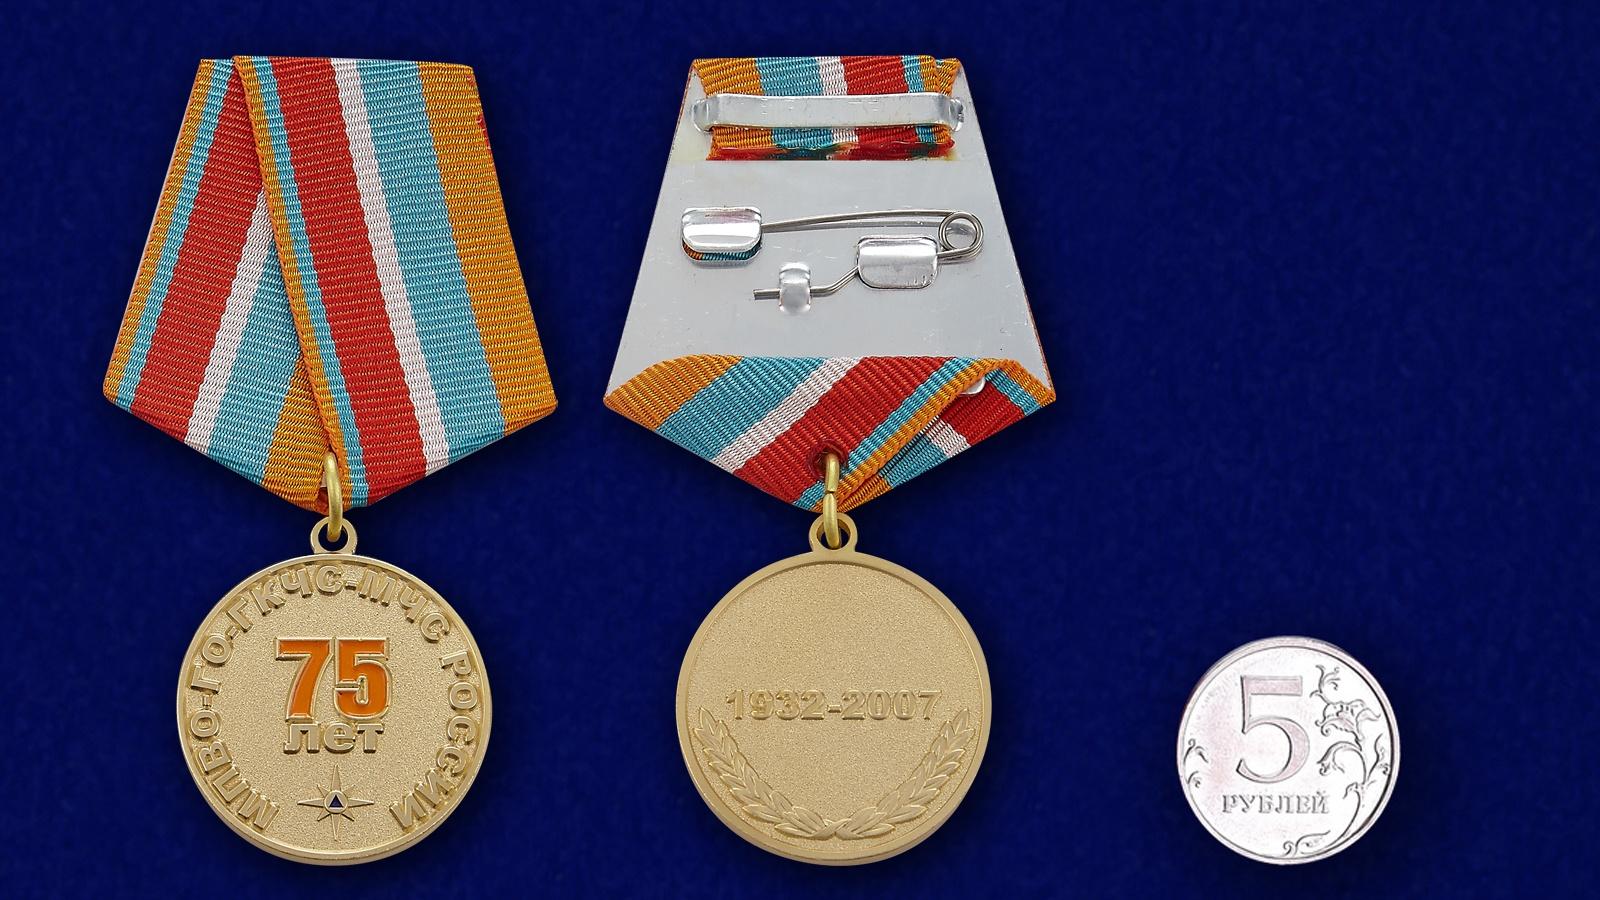 """Памятная медаль """"Гражданской обороне МЧС 75 лет"""" - сравнительный вид"""